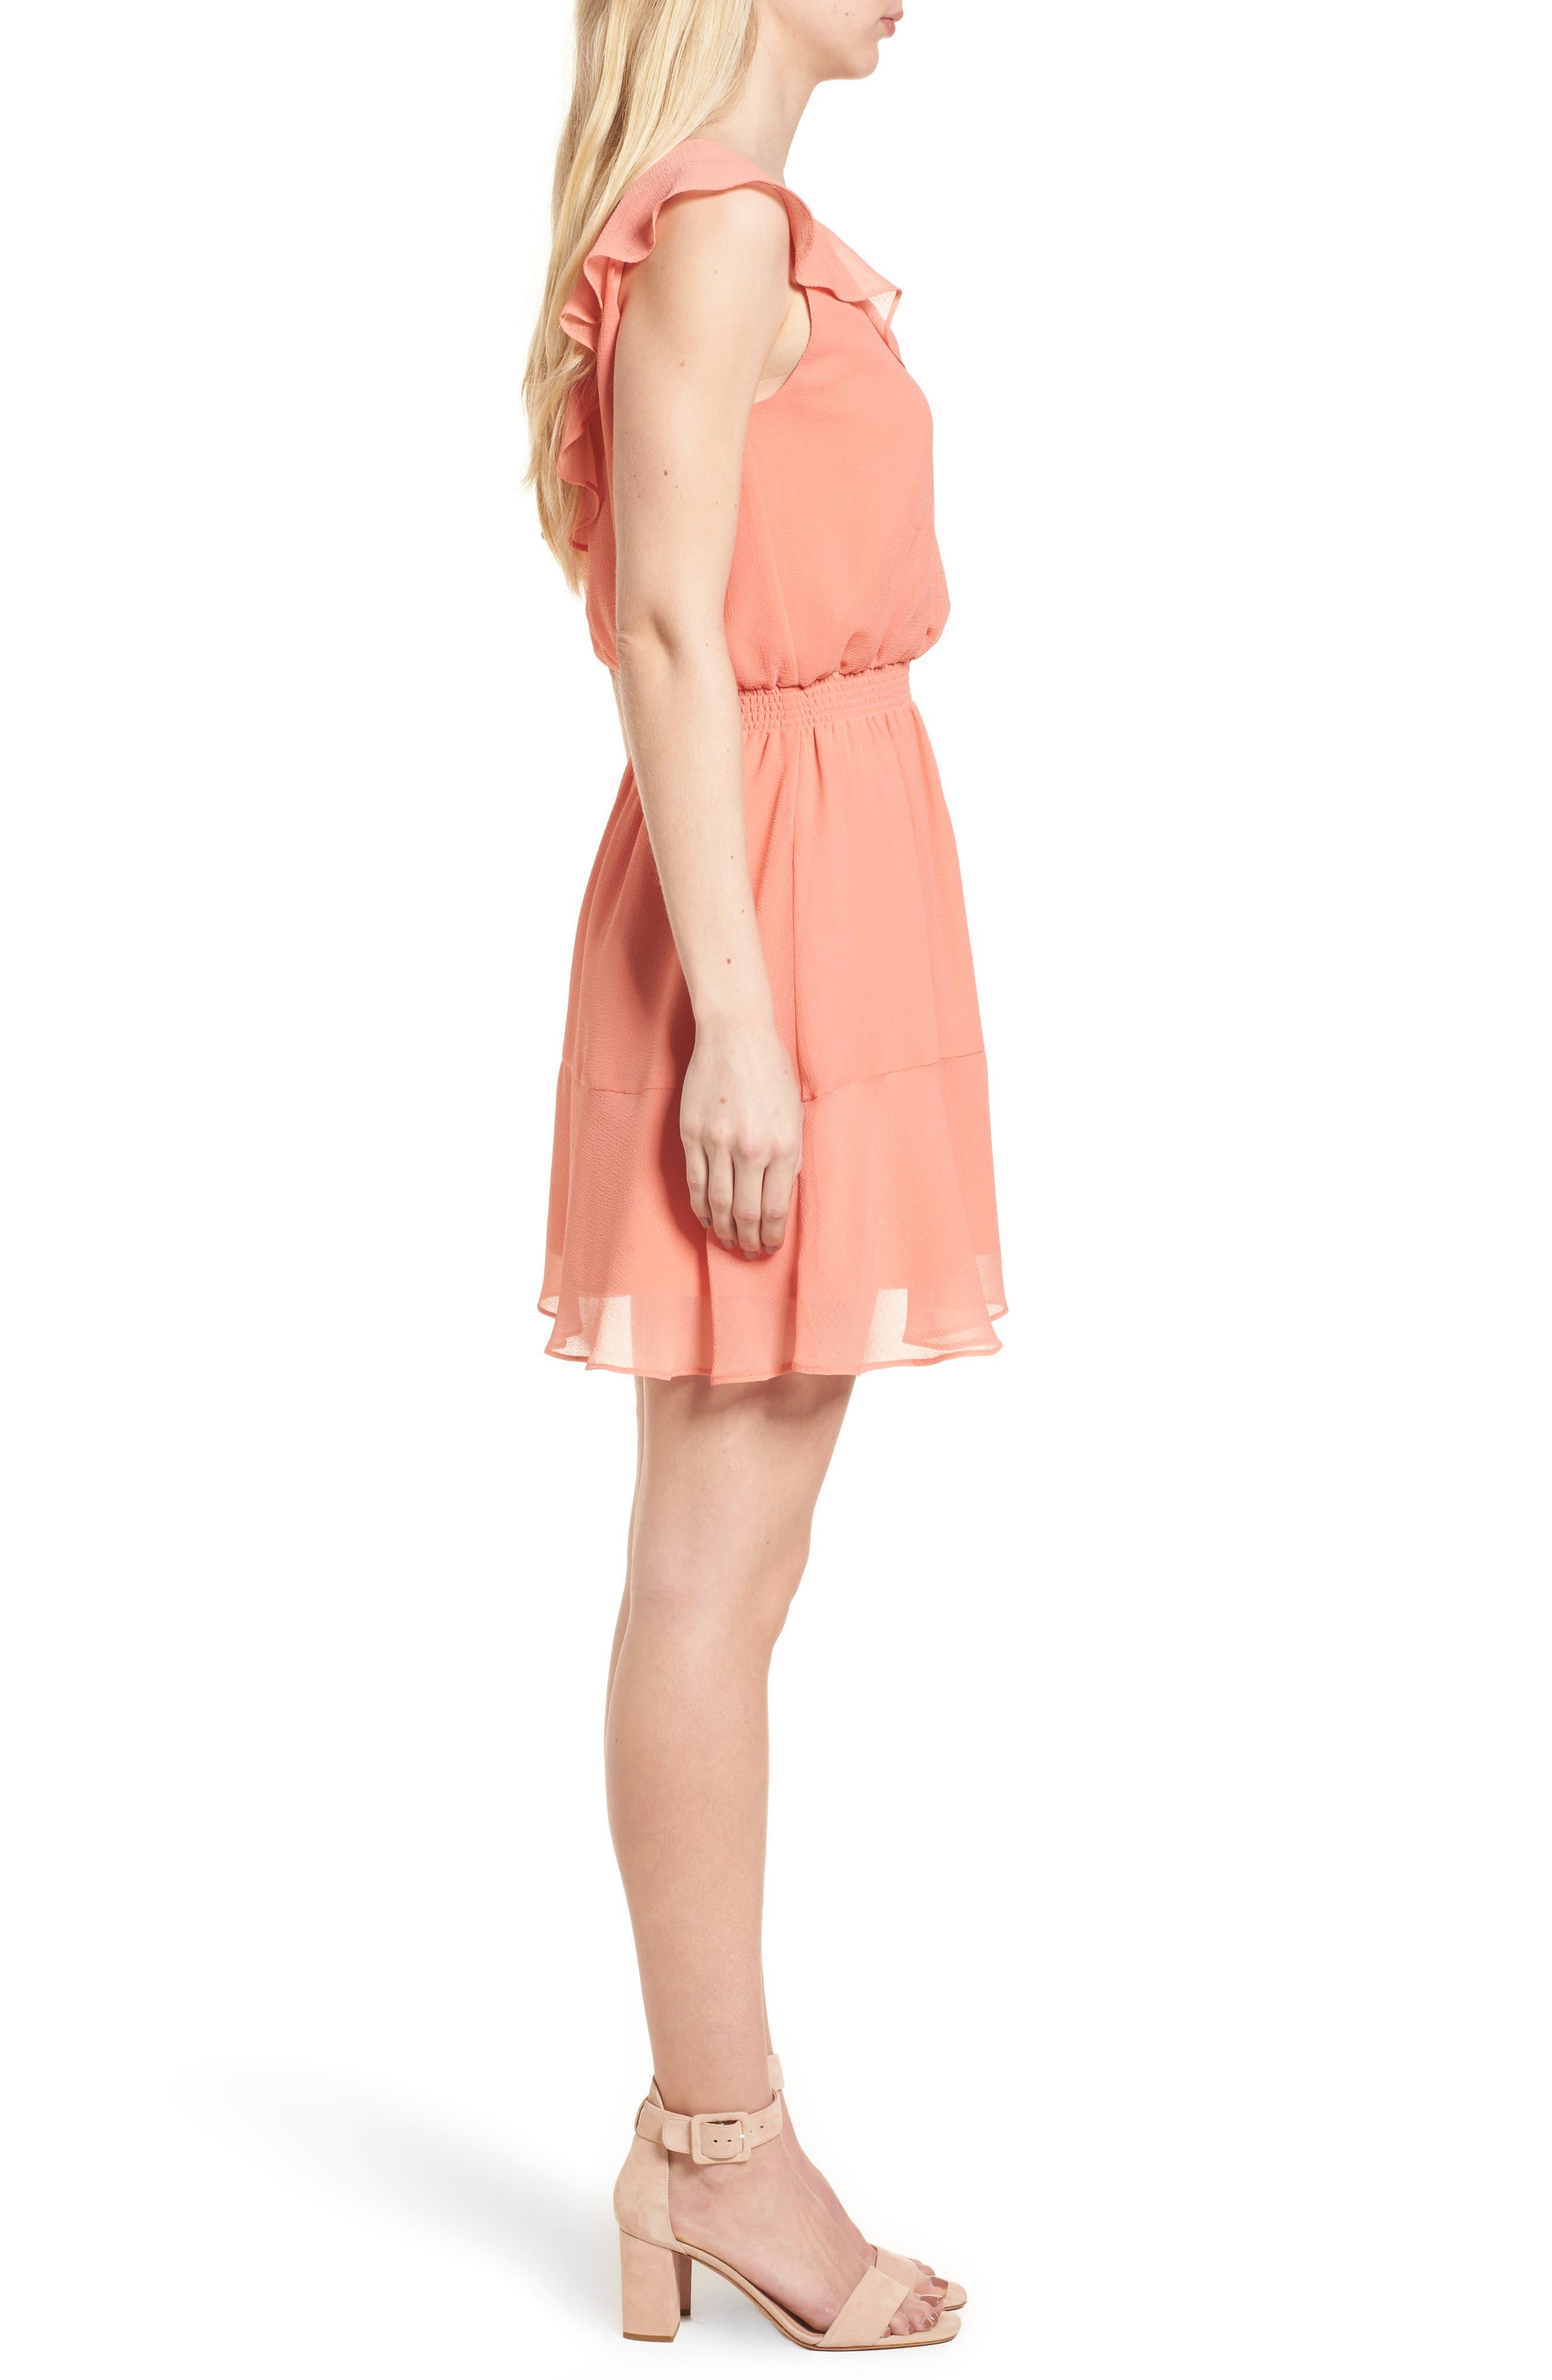 Iniko Blouson Dress,                             Alternate thumbnail 3, color,                             950